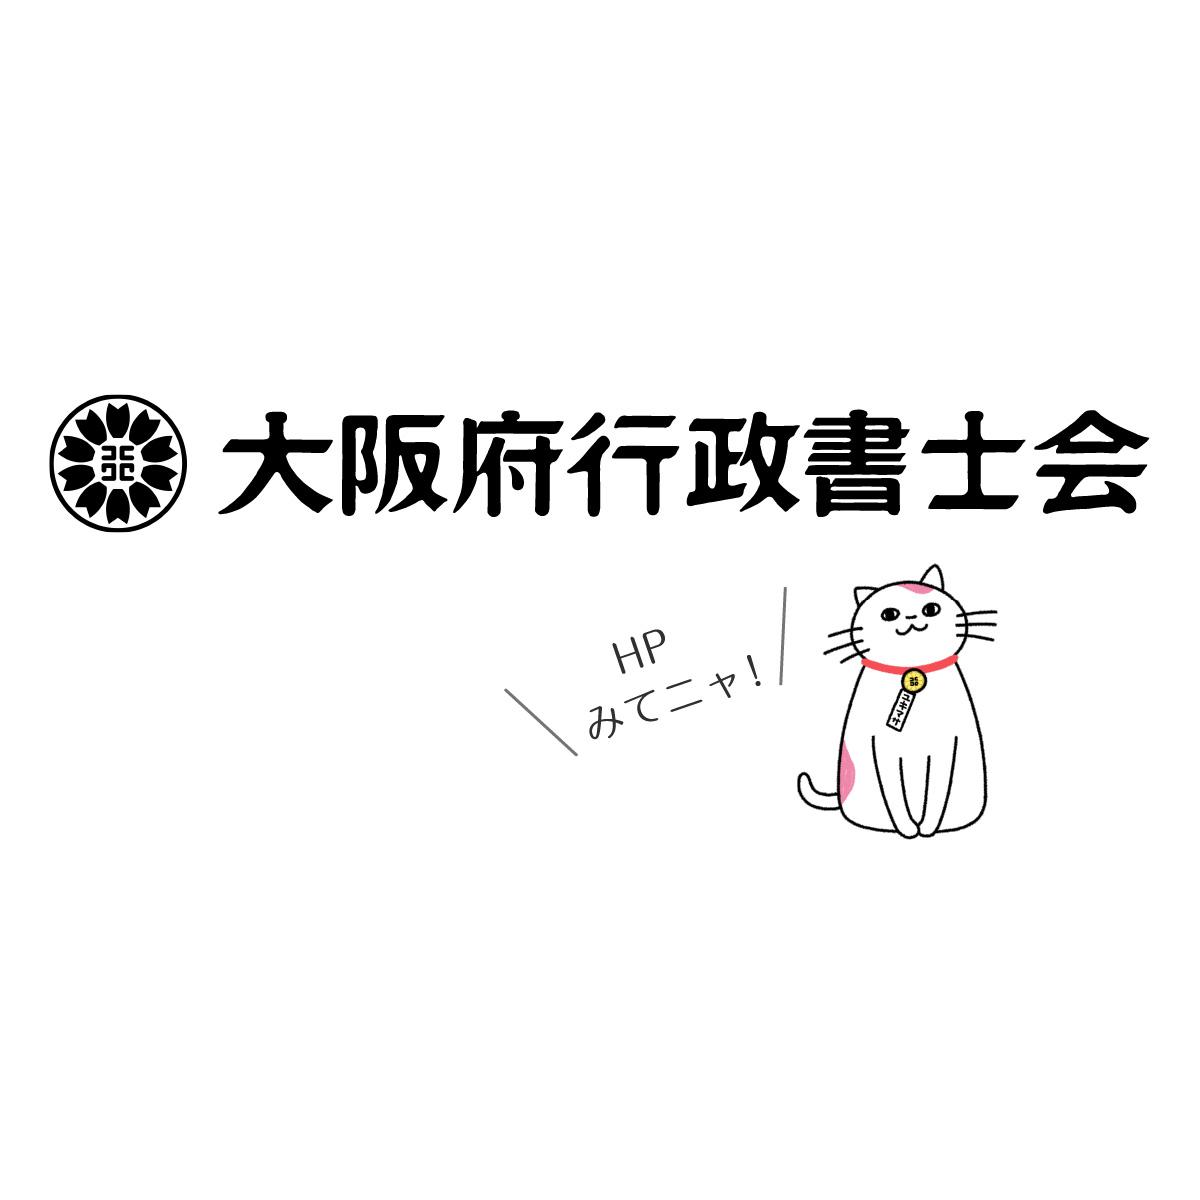 府 支援 金 大阪 休業 要請